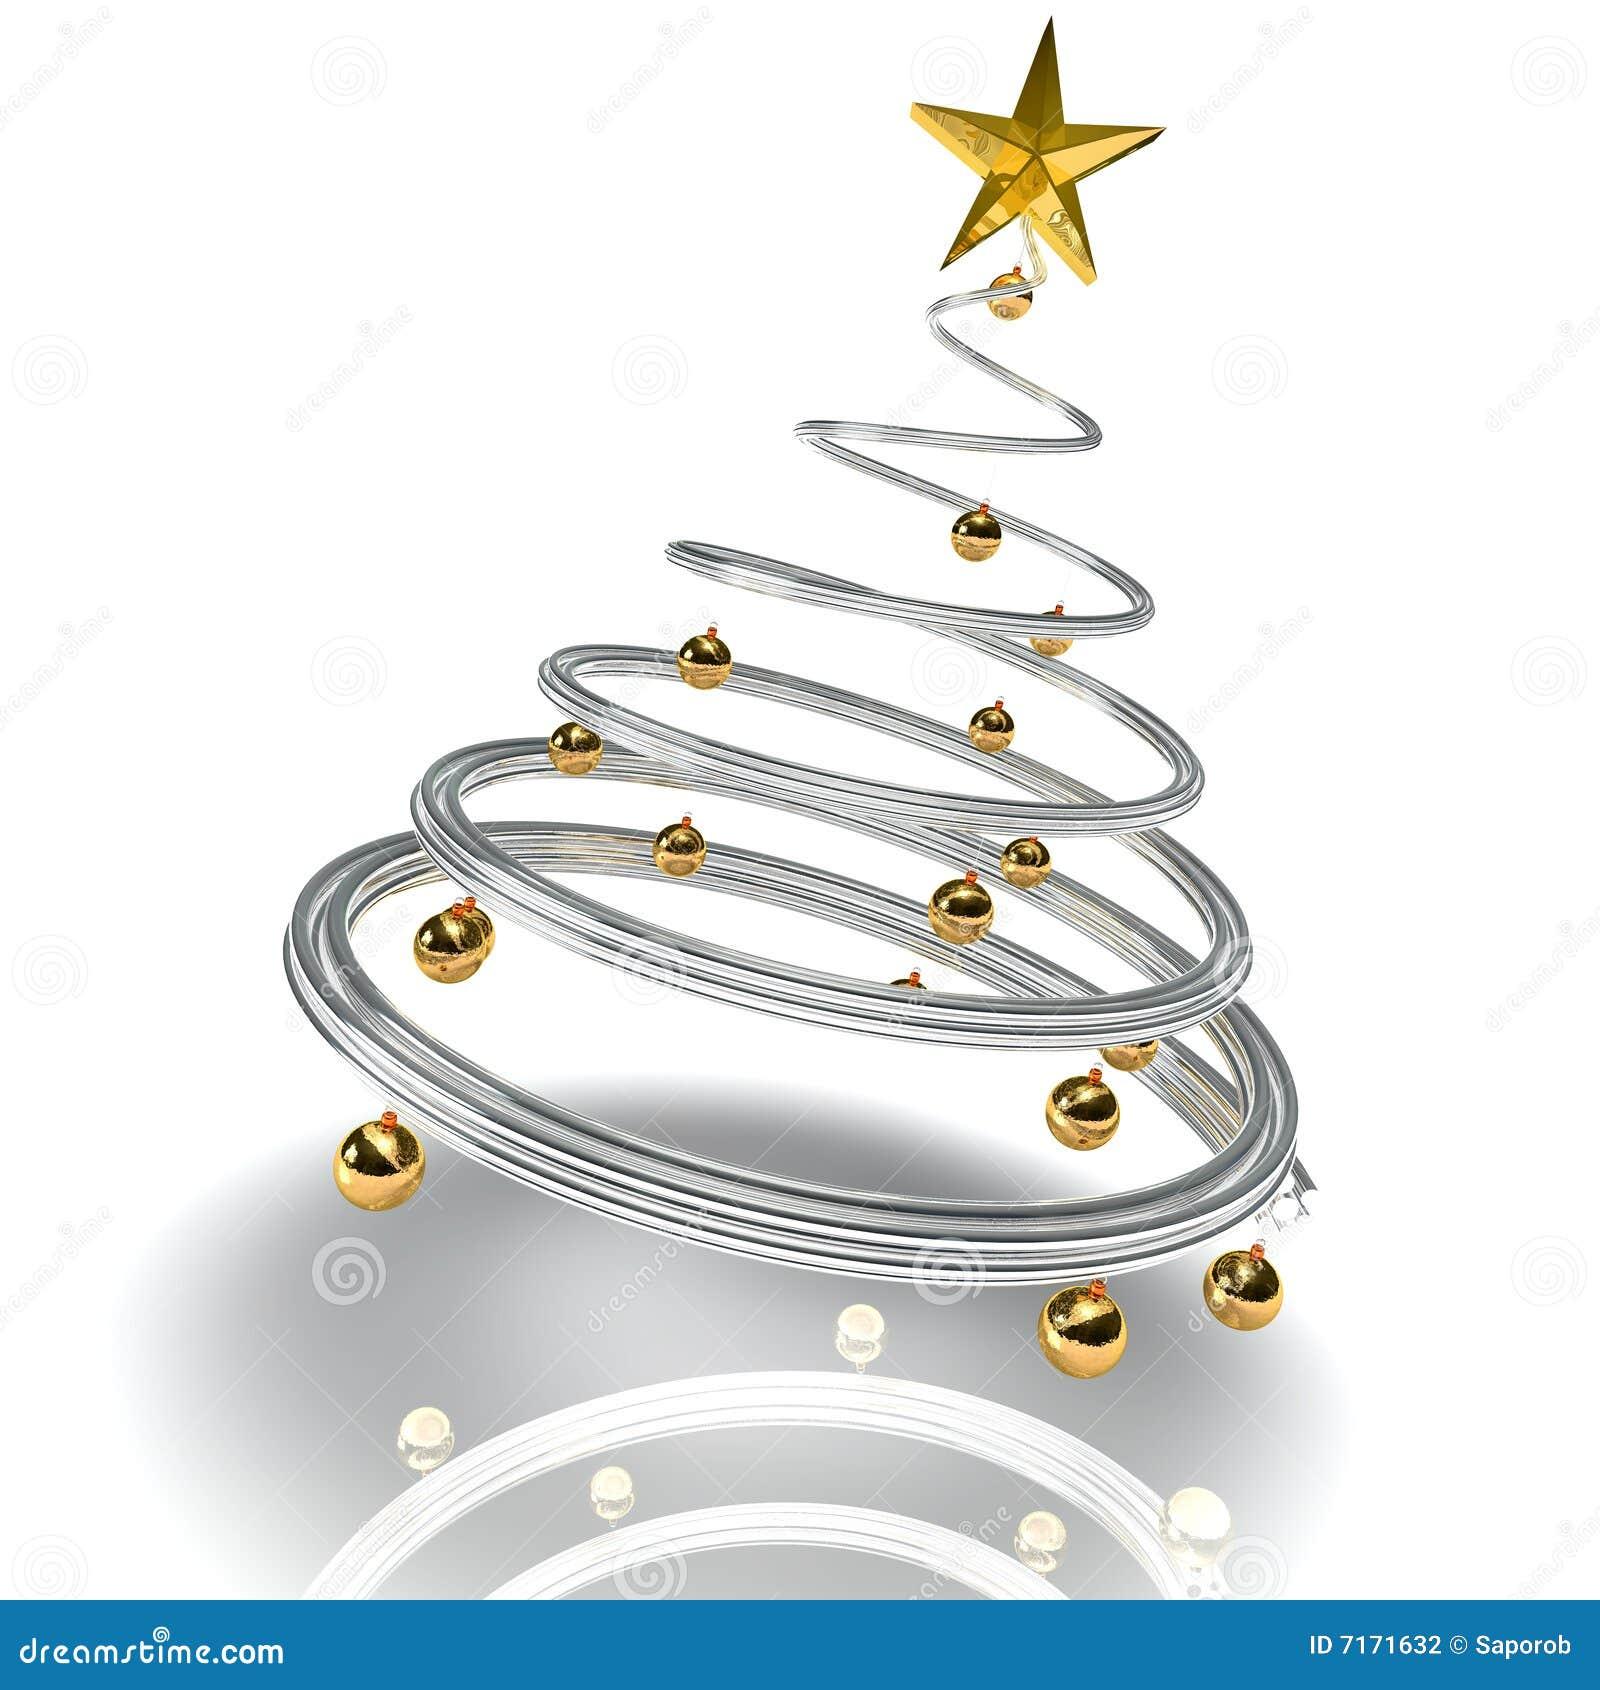 Rbol de navidad moderno fotograf a de archivo imagen - Arbol navidad moderno ...